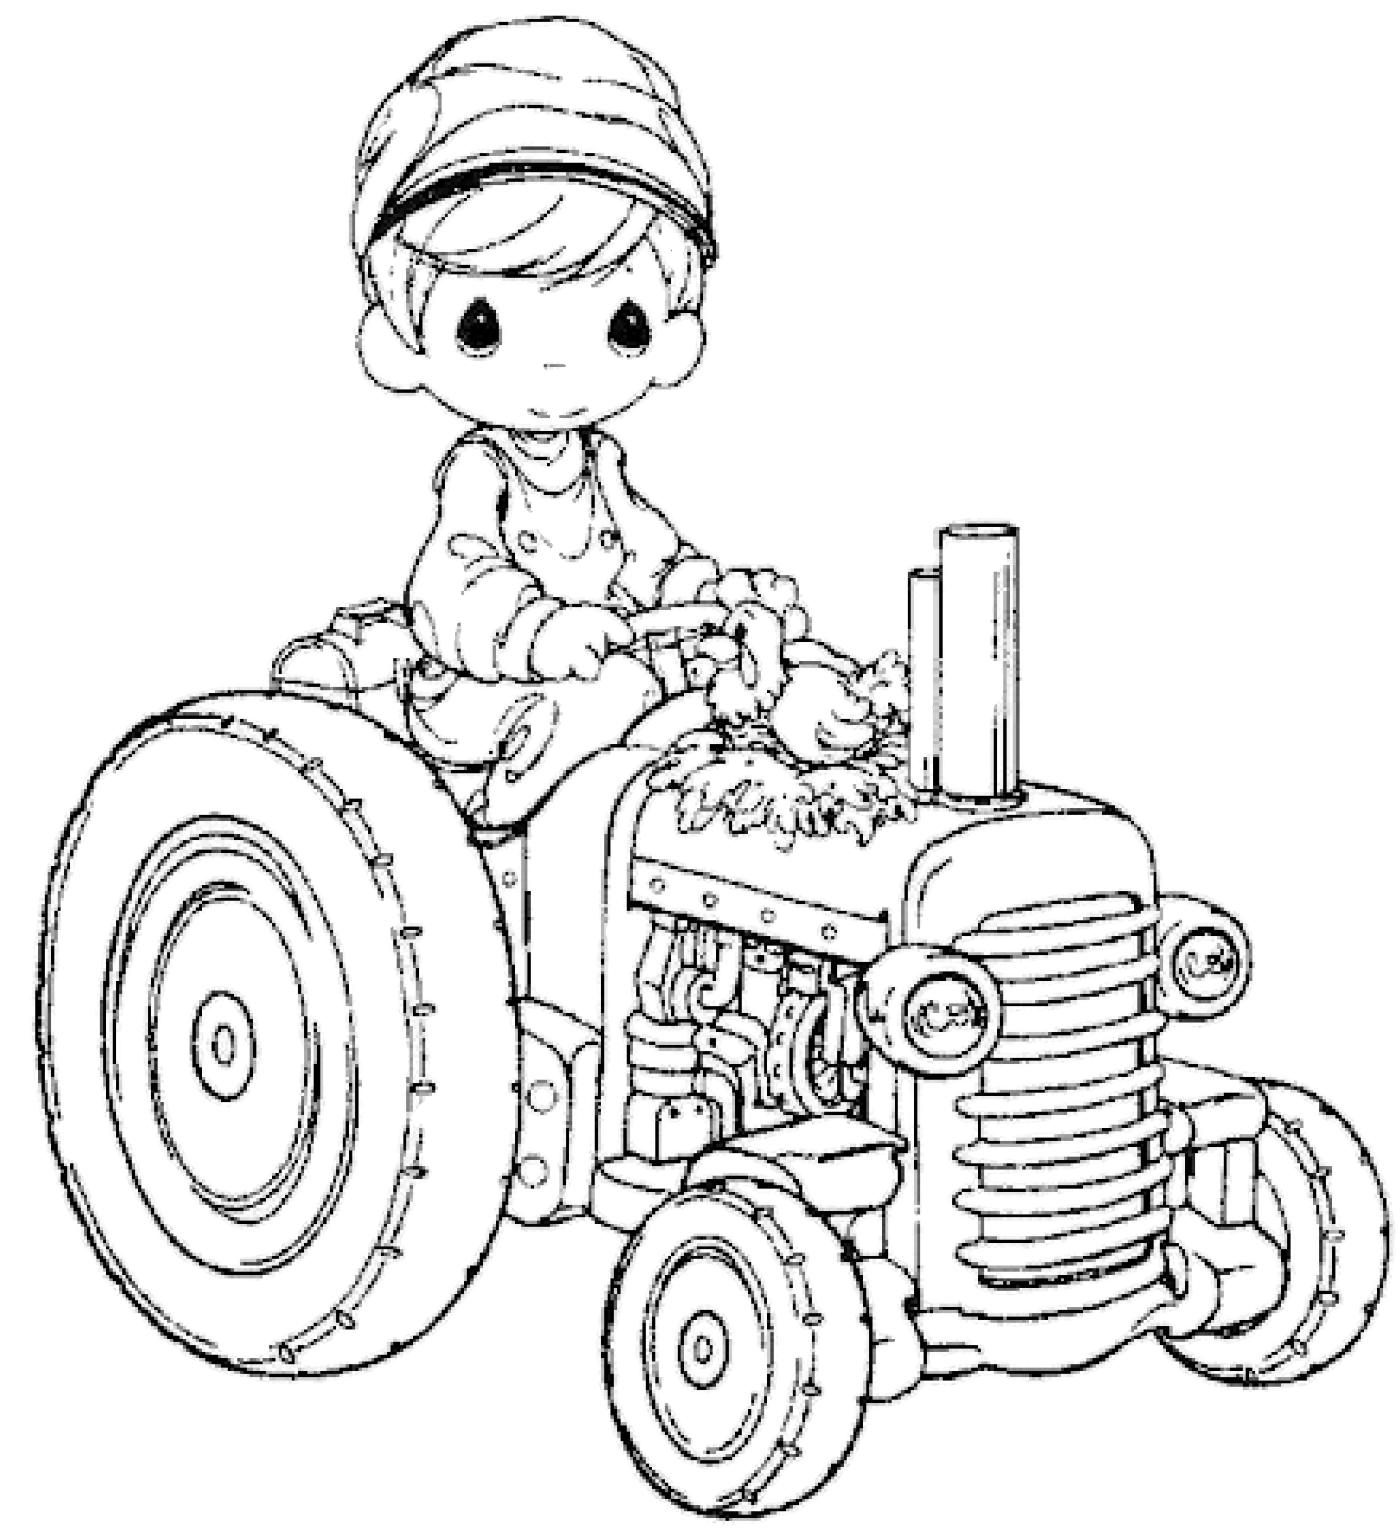 Трактор с мальчиком и курочкой - раскраска №223 | Printonic.ru